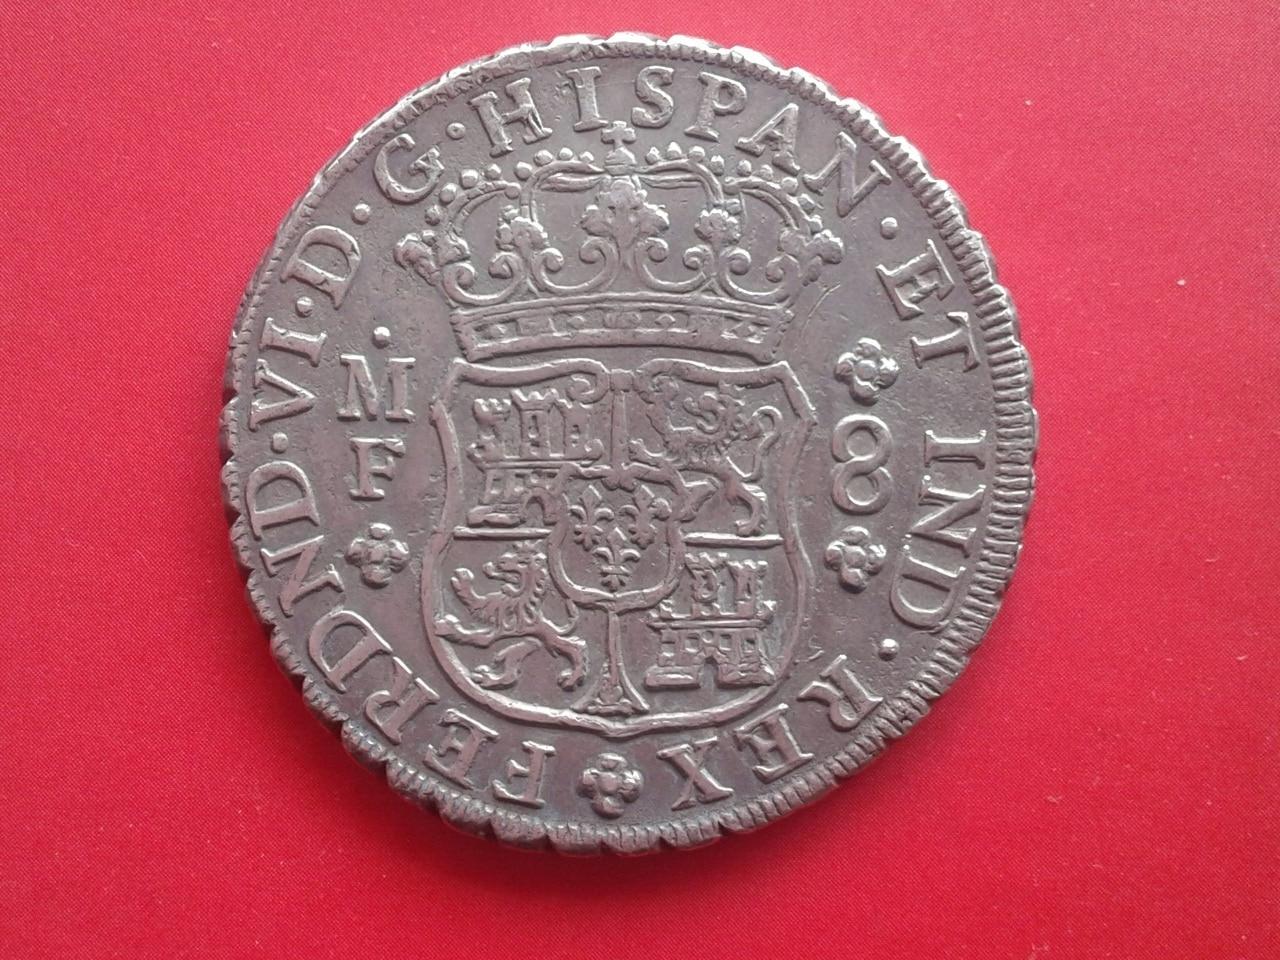 8 Reales 1754 MF Méjico (Columnario) Fernando VI dedicado a Miguelf Rev